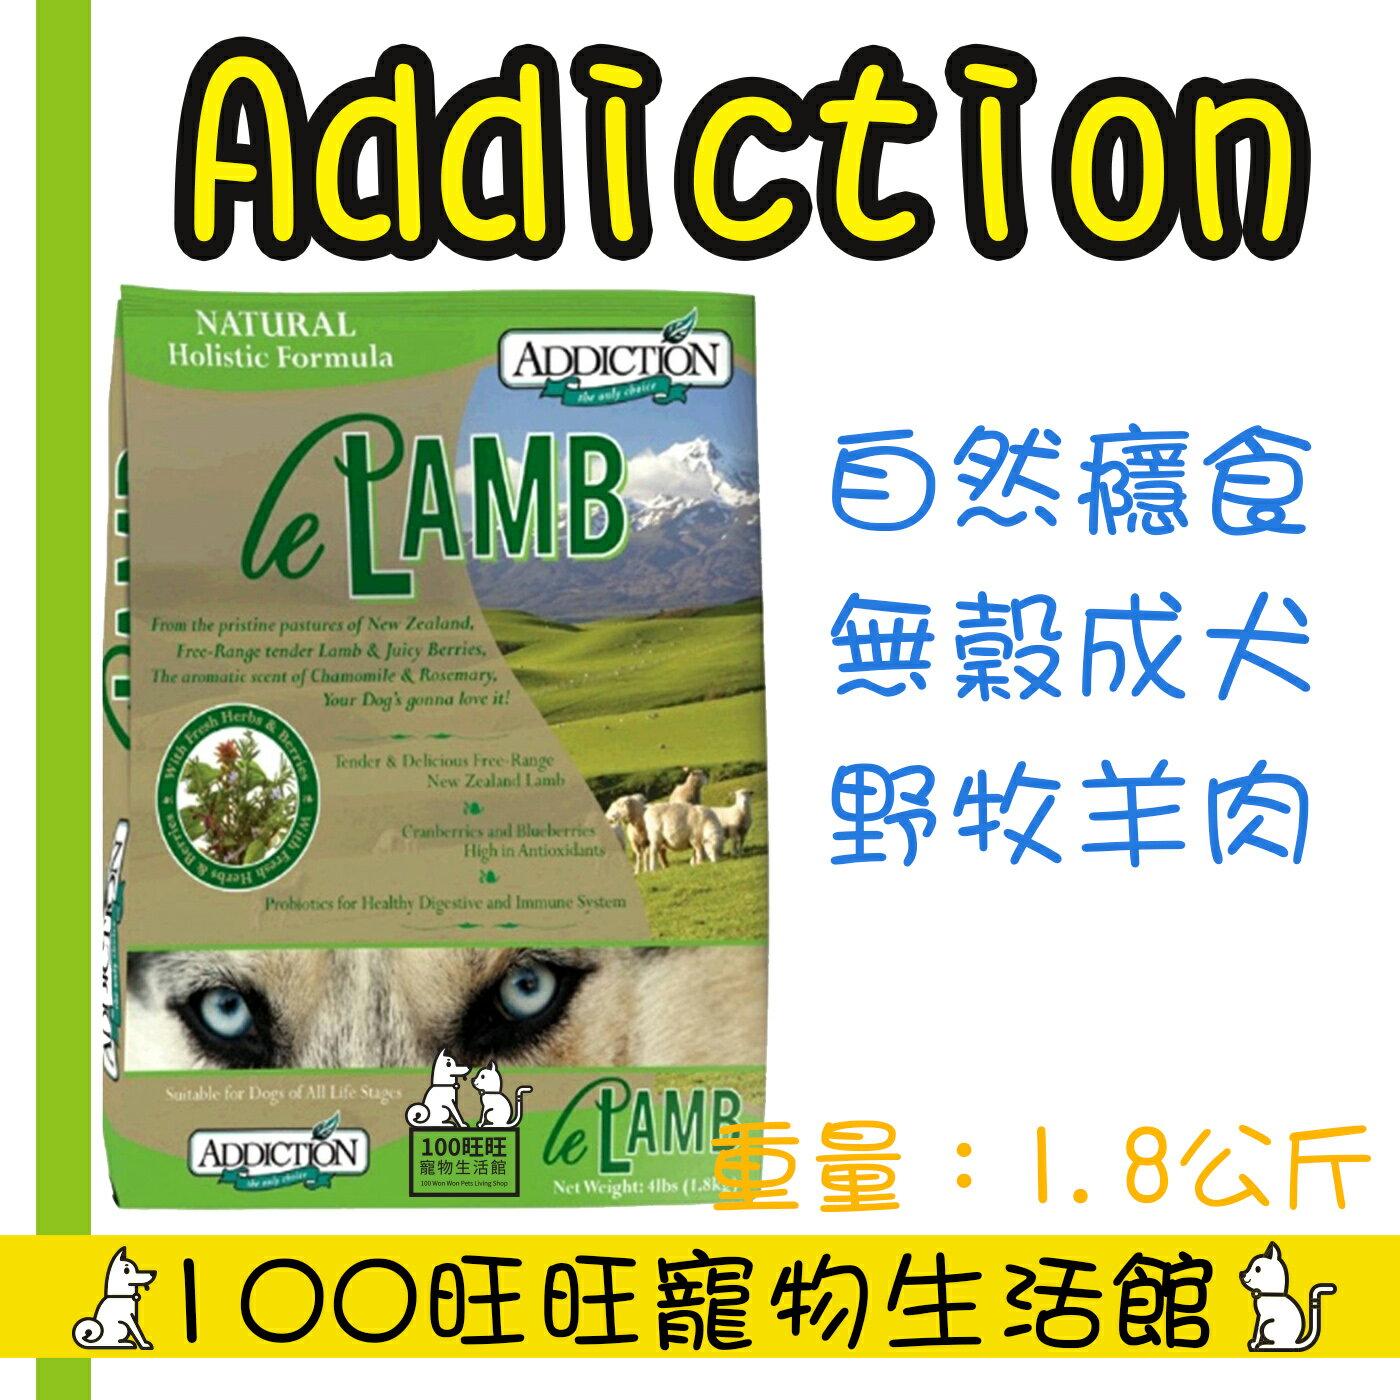 100旺旺寵物生活館 【Addiction自然癮食】ADD自然癮食無穀野牧羊肉犬食1.8kg